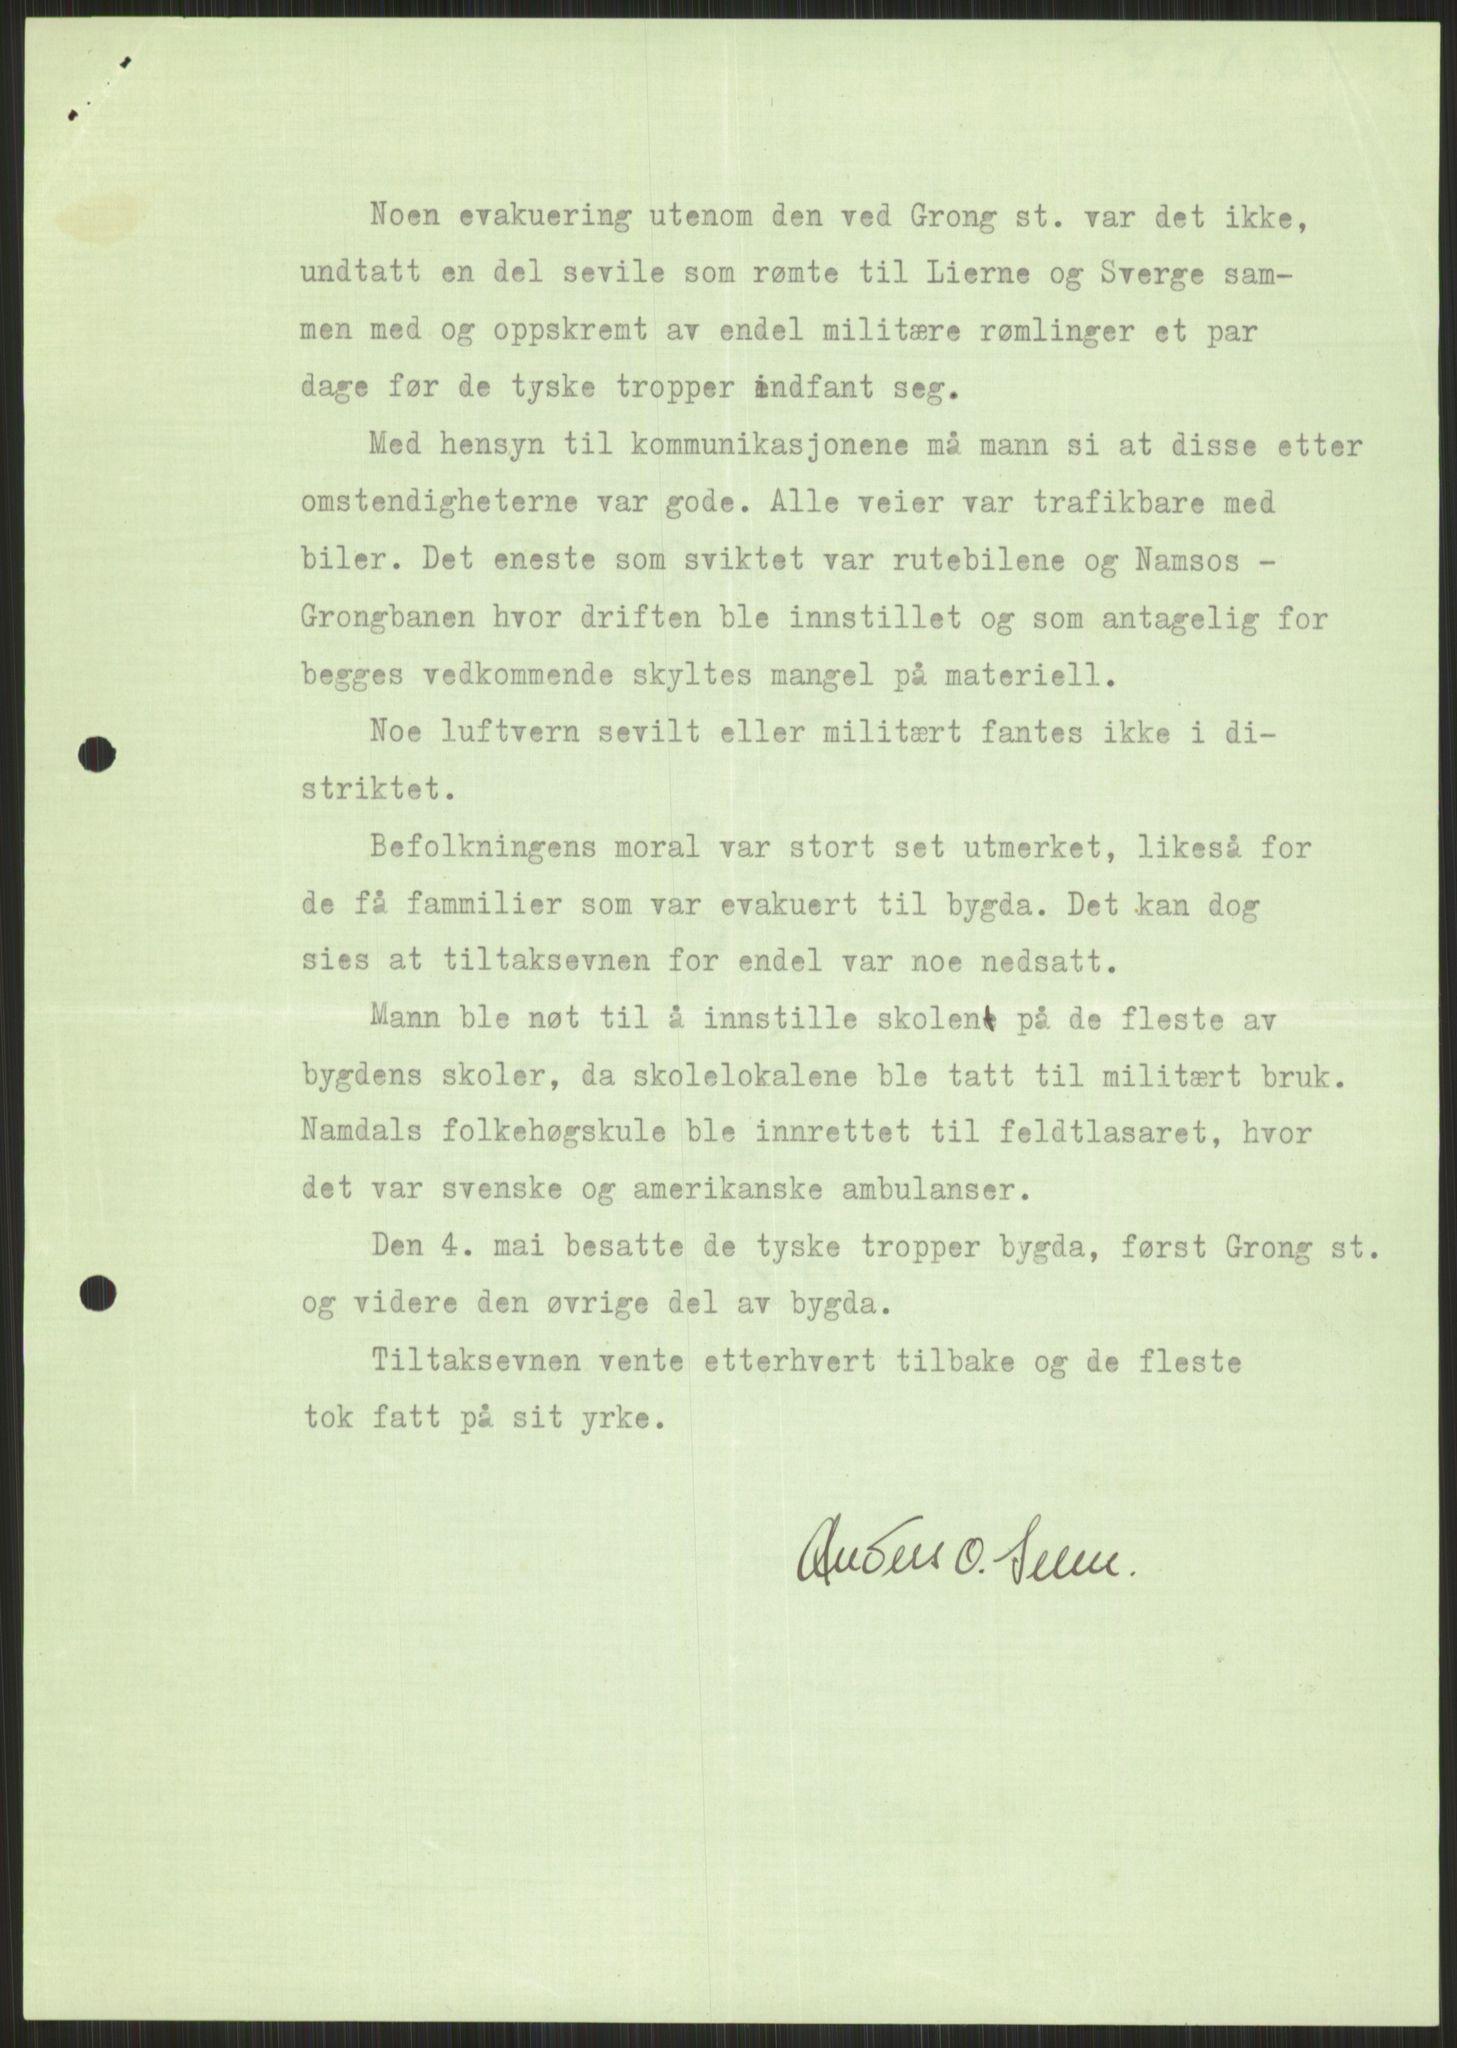 RA, Forsvaret, Forsvarets krigshistoriske avdeling, Y/Ya/L0016: II-C-11-31 - Fylkesmenn.  Rapporter om krigsbegivenhetene 1940., 1940, s. 468